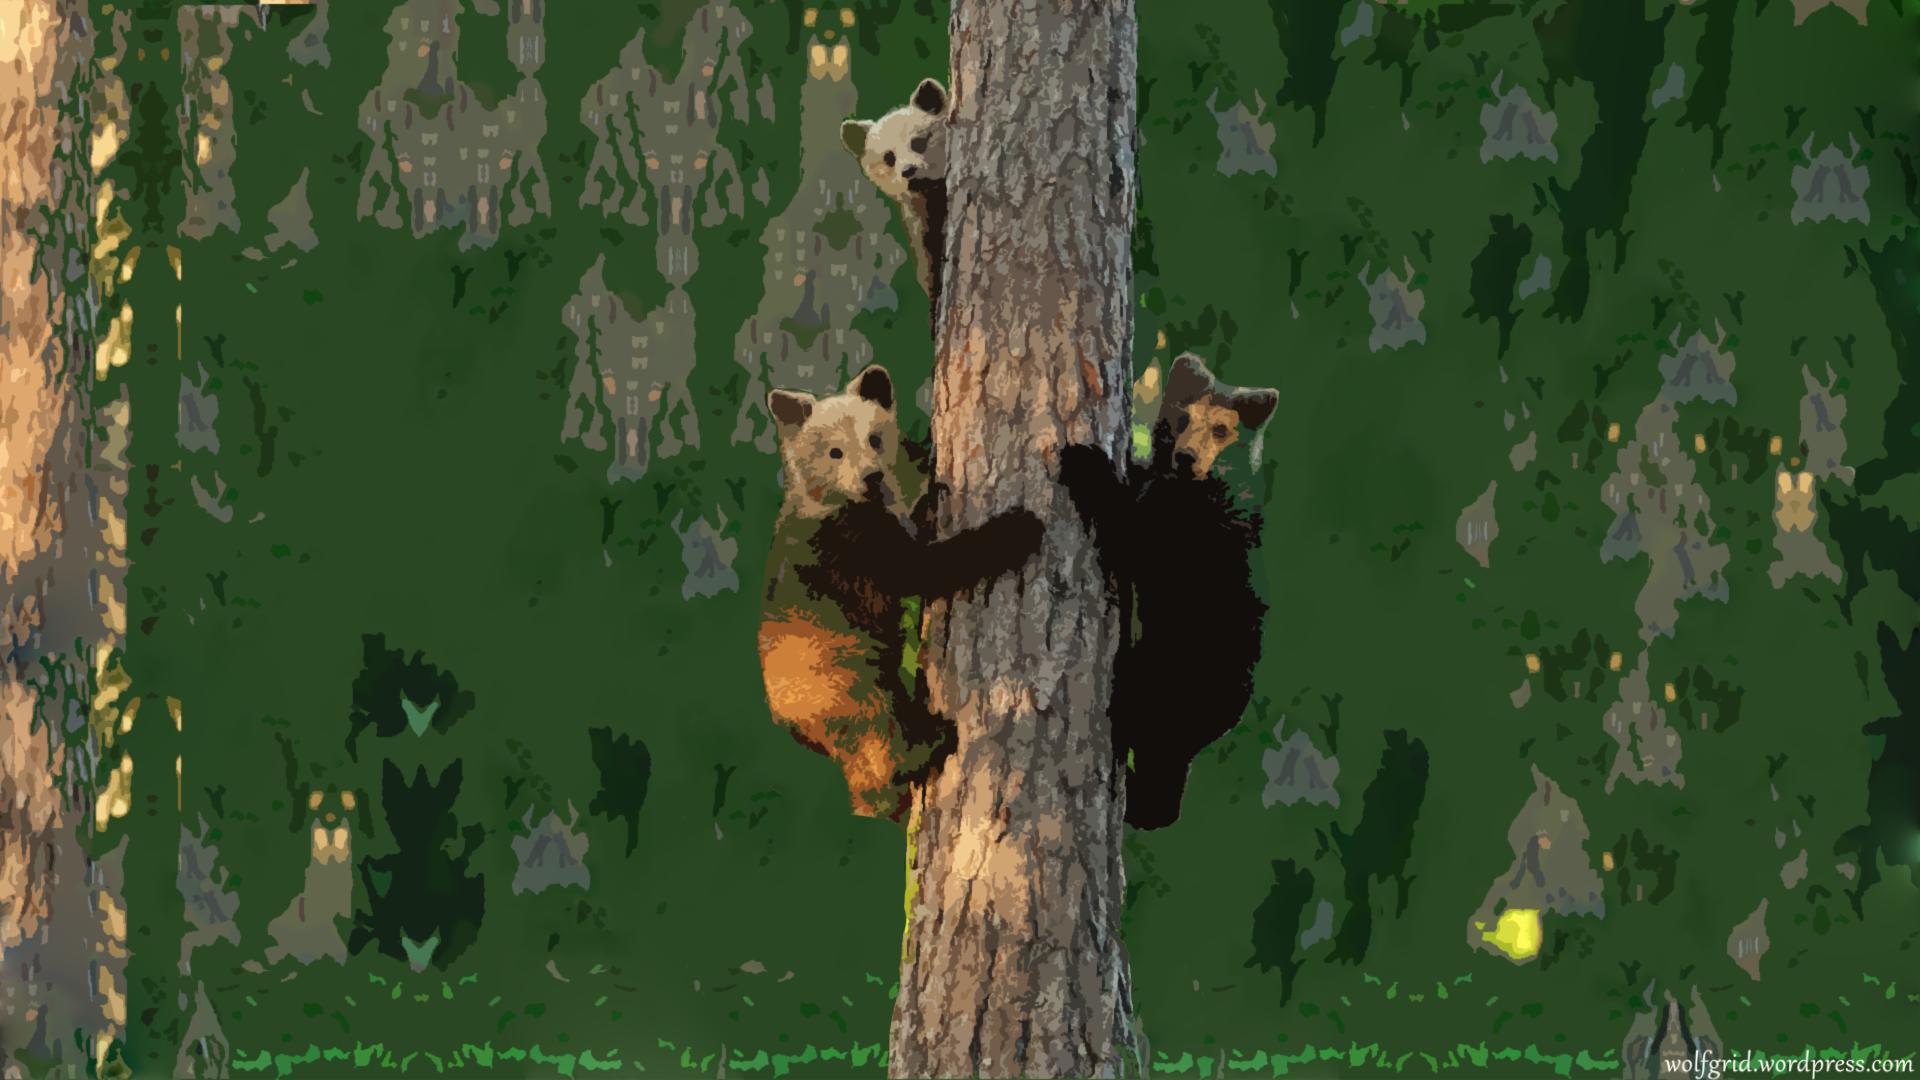 Wallpaper Hewan Beruang Gambar Kartun Apanda